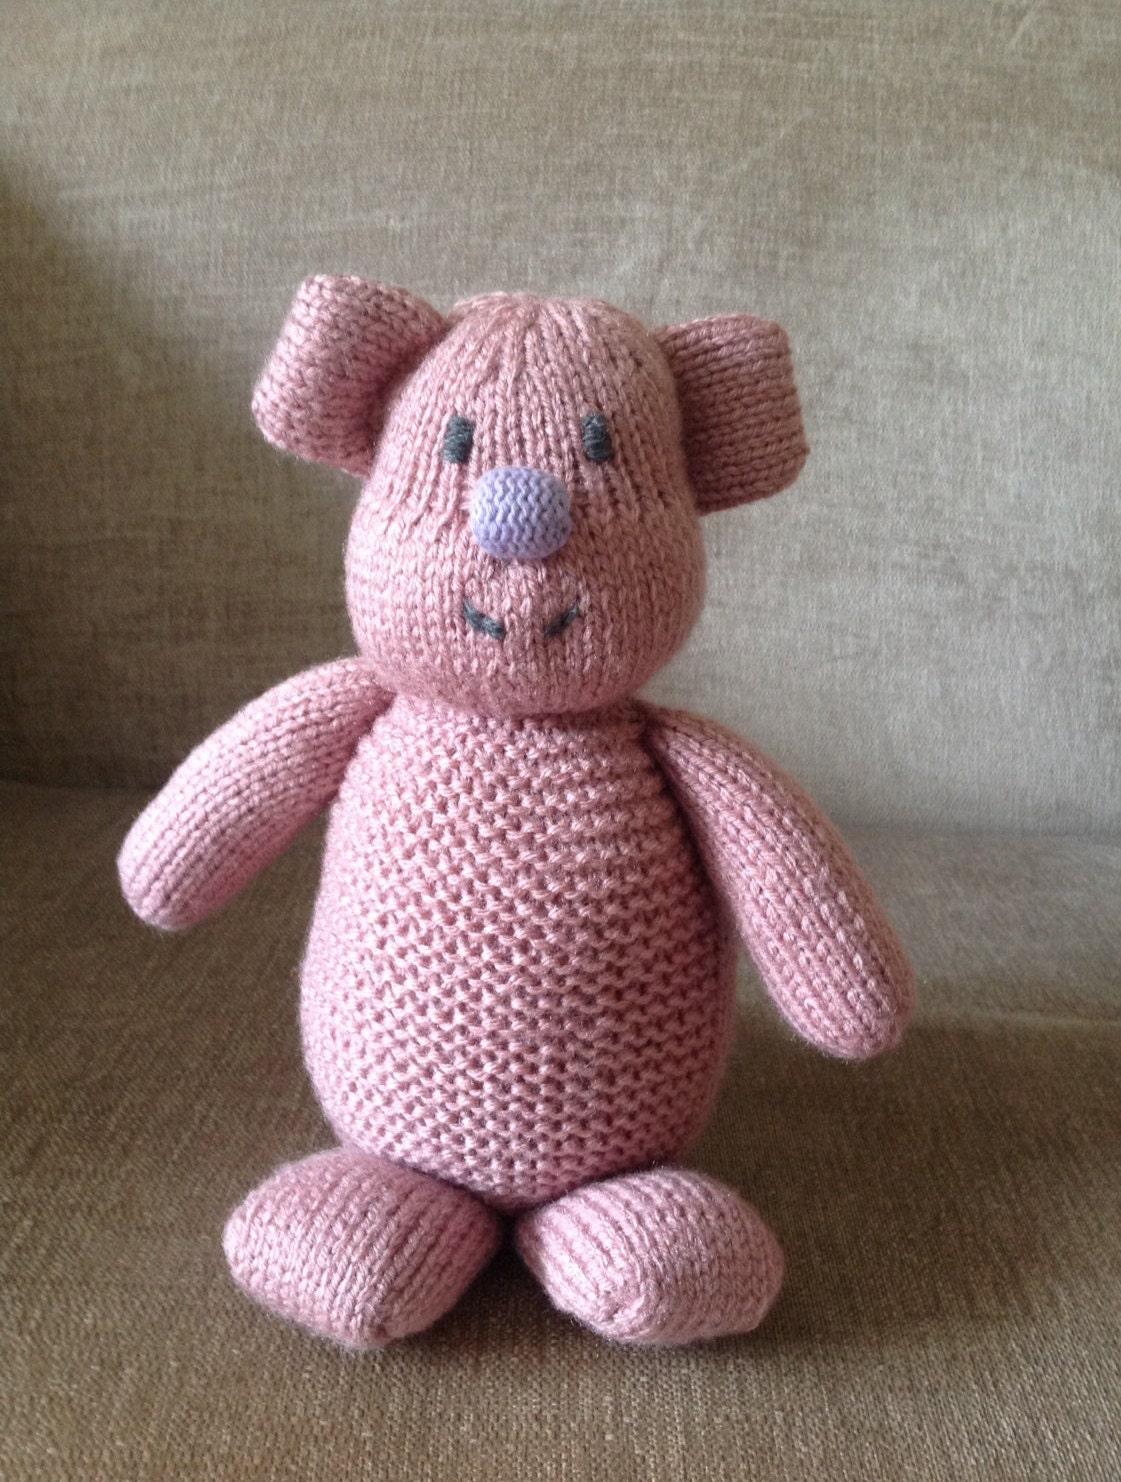 Hand knitted cute dinosaur teddy bear